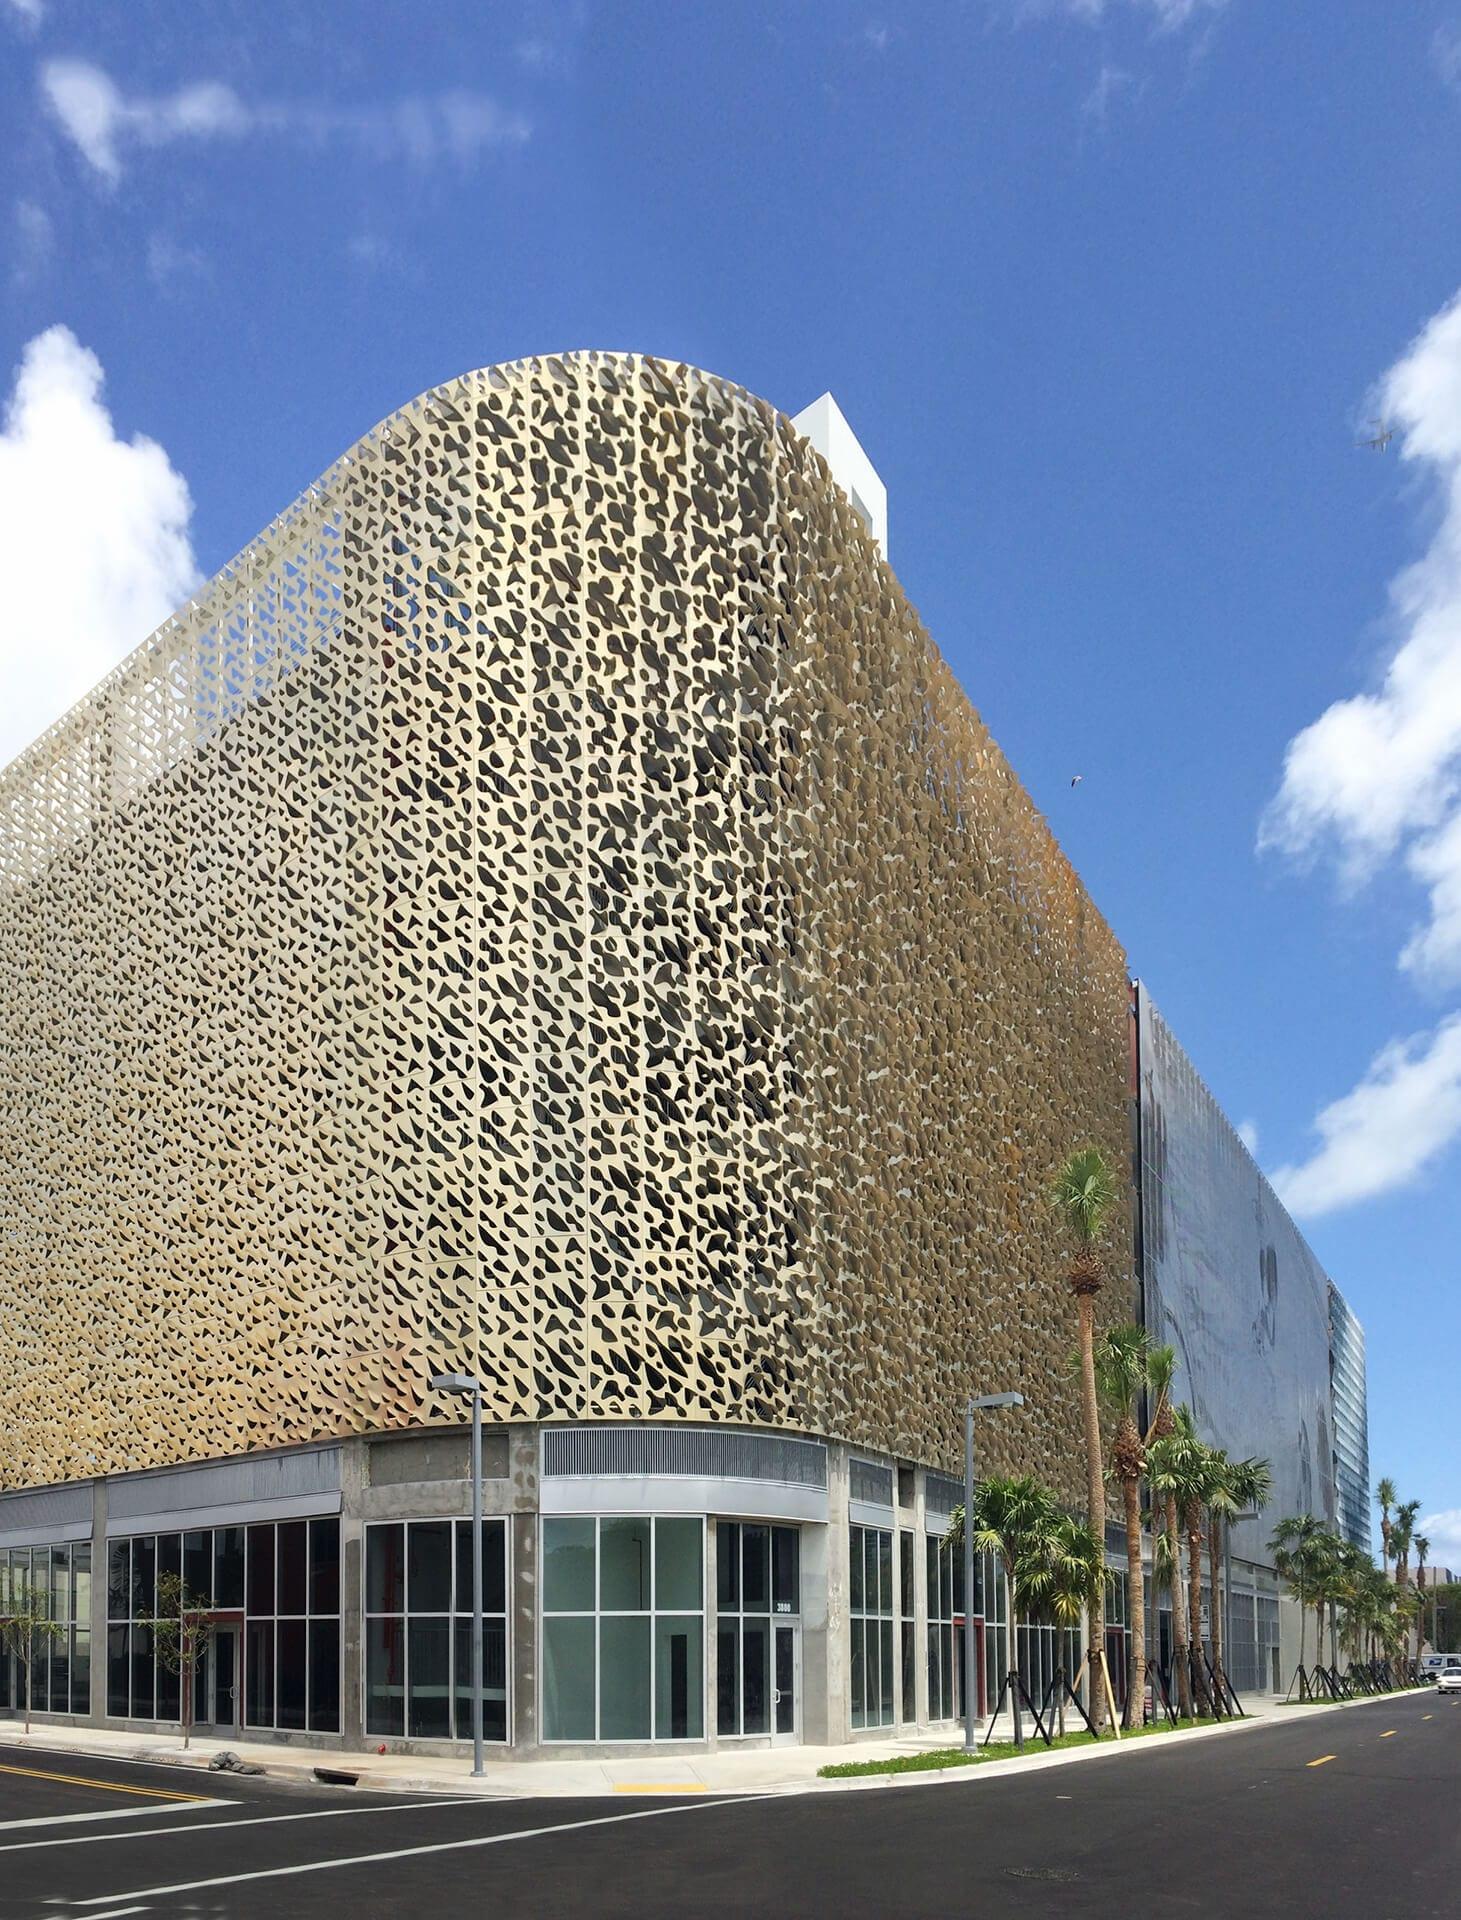 Leong Leong facade for the Miami City View Garage.